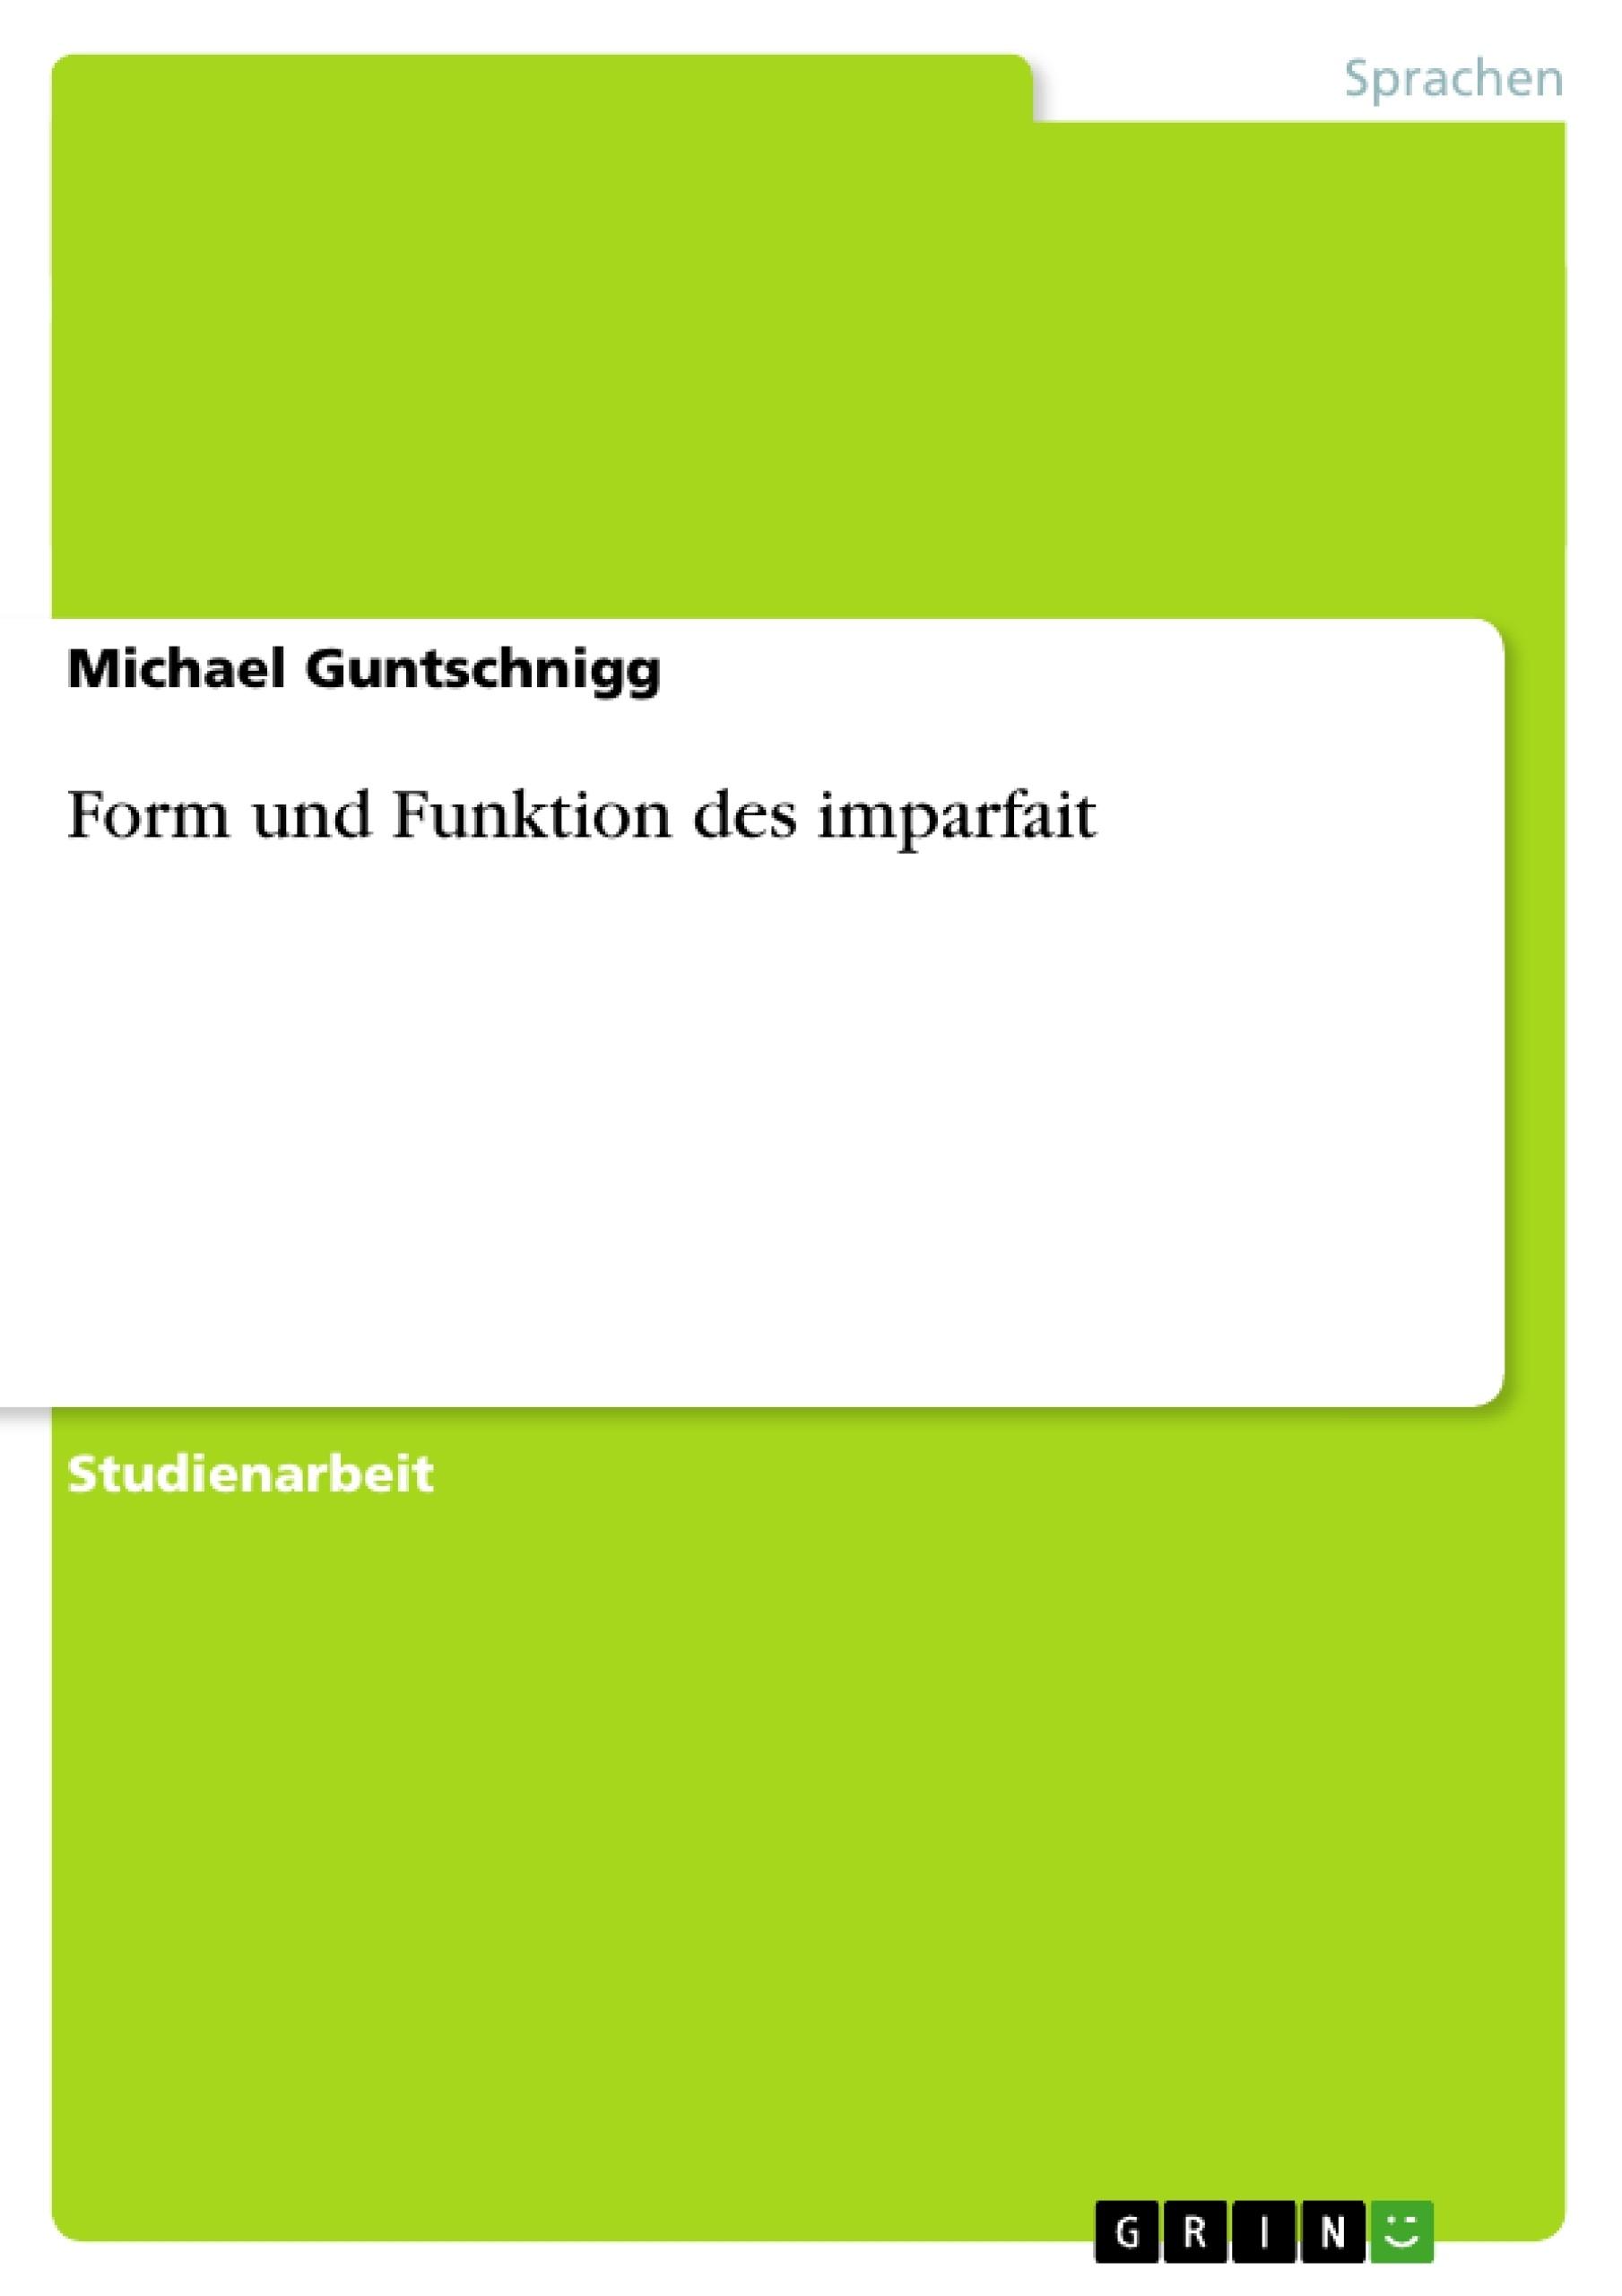 Titel: Form und Funktion des imparfait